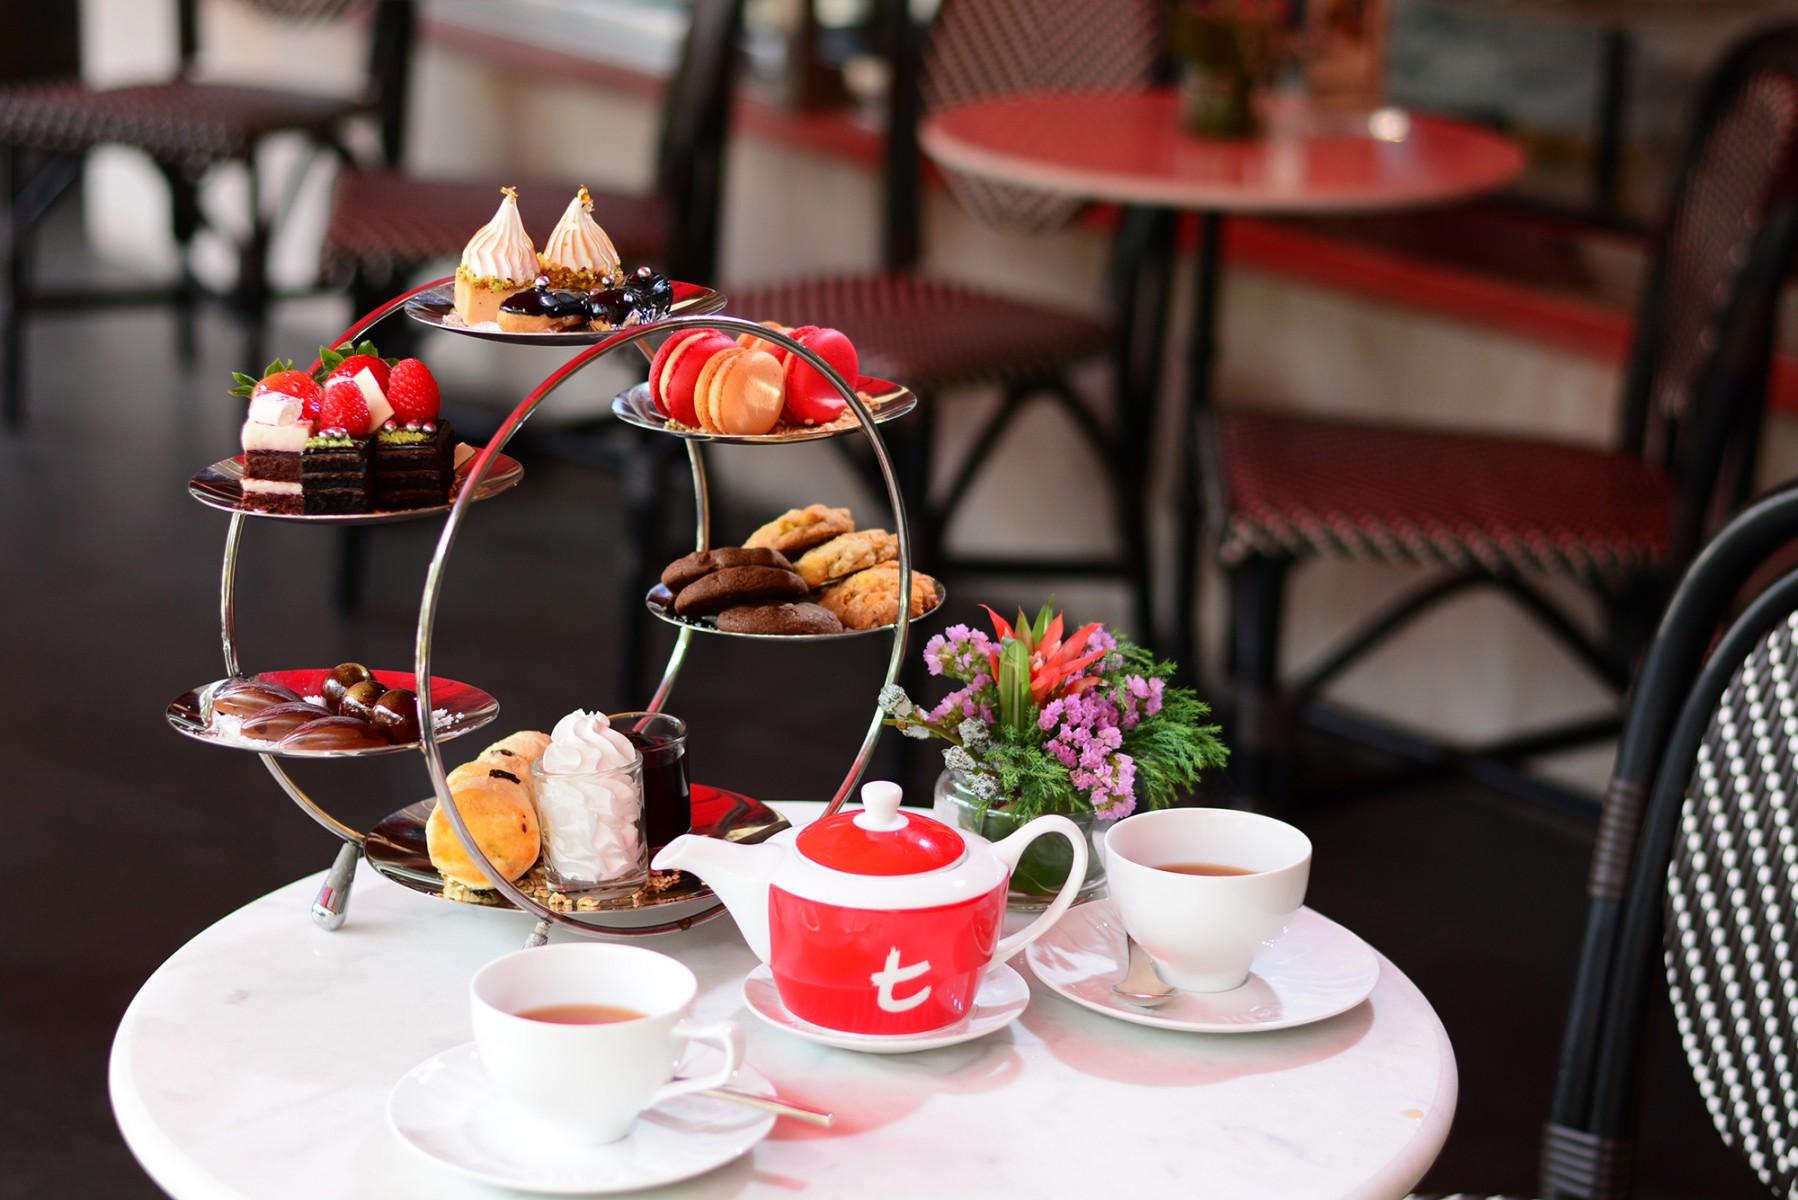 Le Macaron(ロビー階)にて本格アフタヌーンティーをお楽しみください。(約2時間)